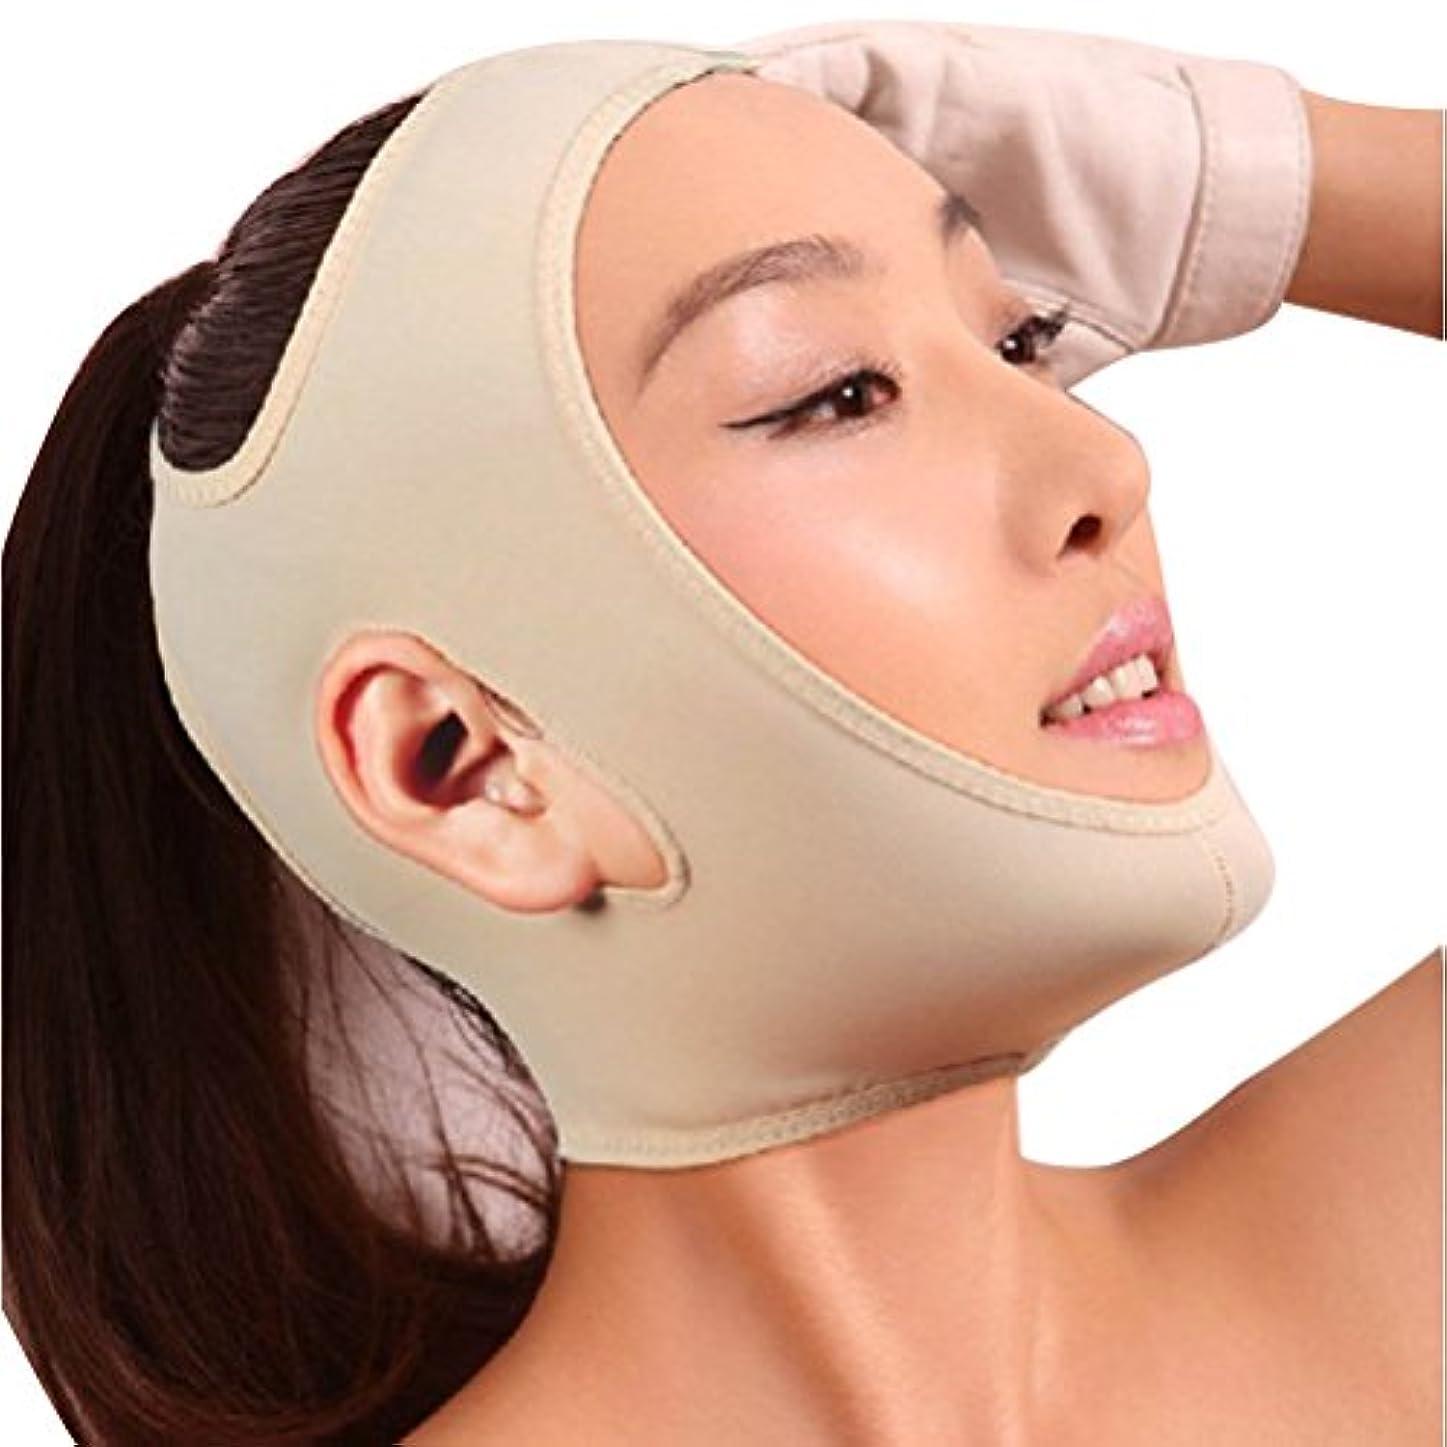 MakeupAccフェイスラインベルト M/L/XLサイズ 抗シワ 額、顎下、頬リフトアップ 小顔 美顔 頬のたるみ 引き上げマスク(ベージュ)【並行輸入品】 (M)